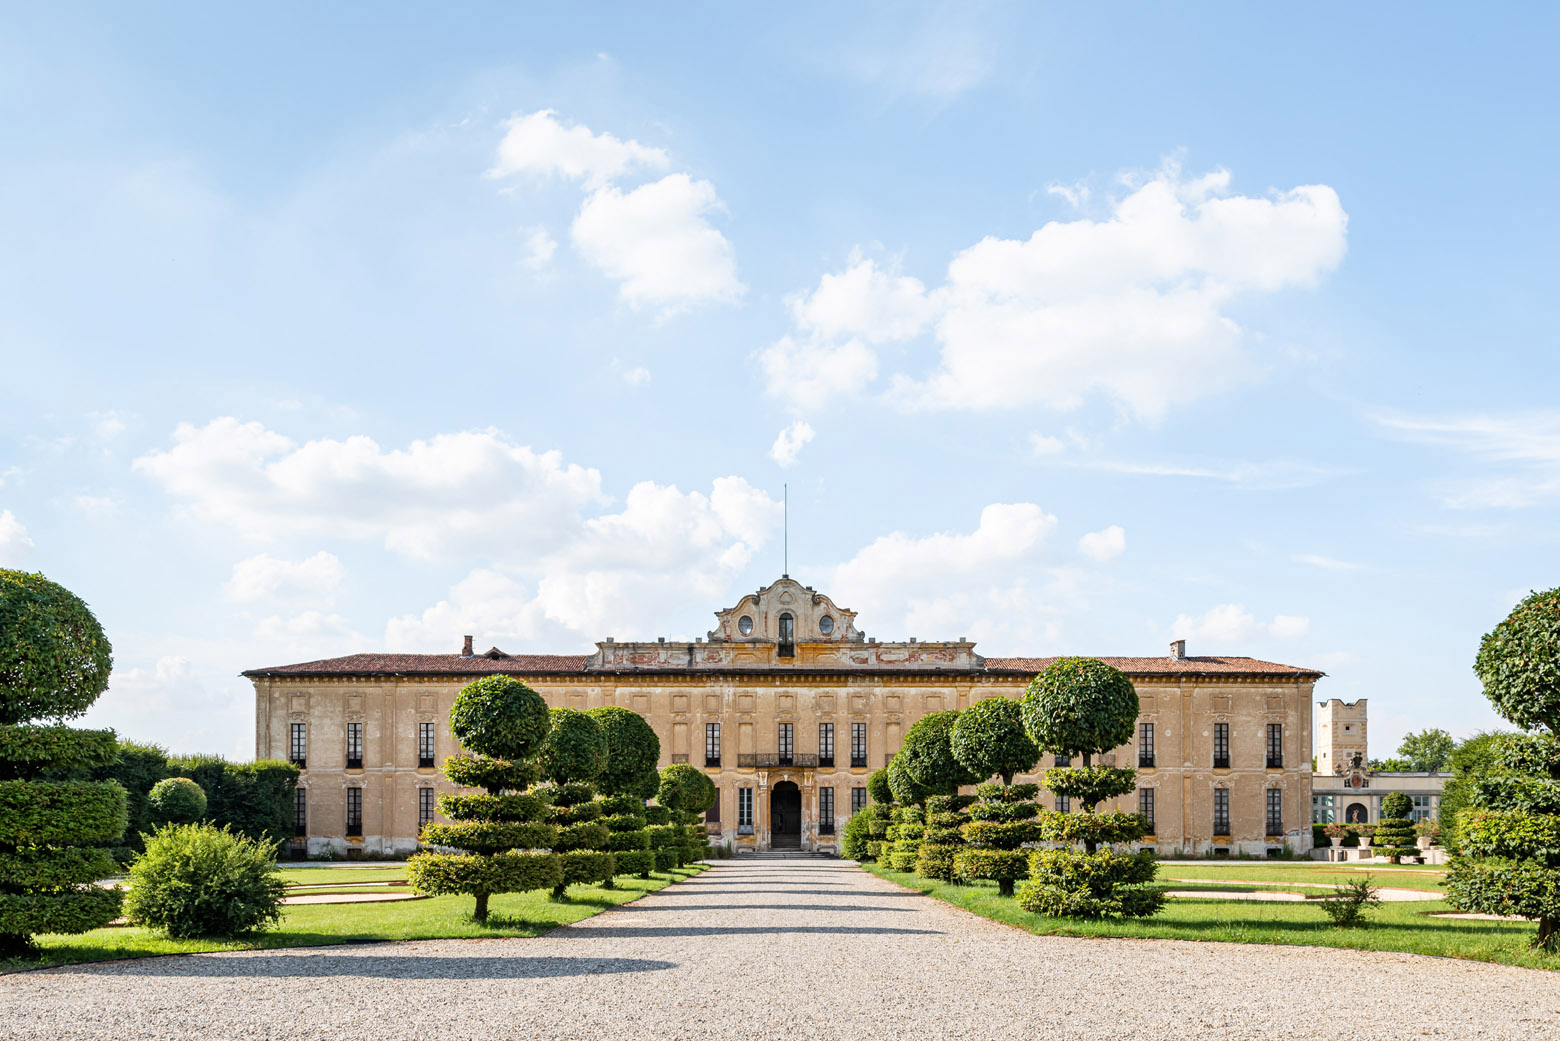 Villa Arconati_2020.07_4623-HDR-10 prova